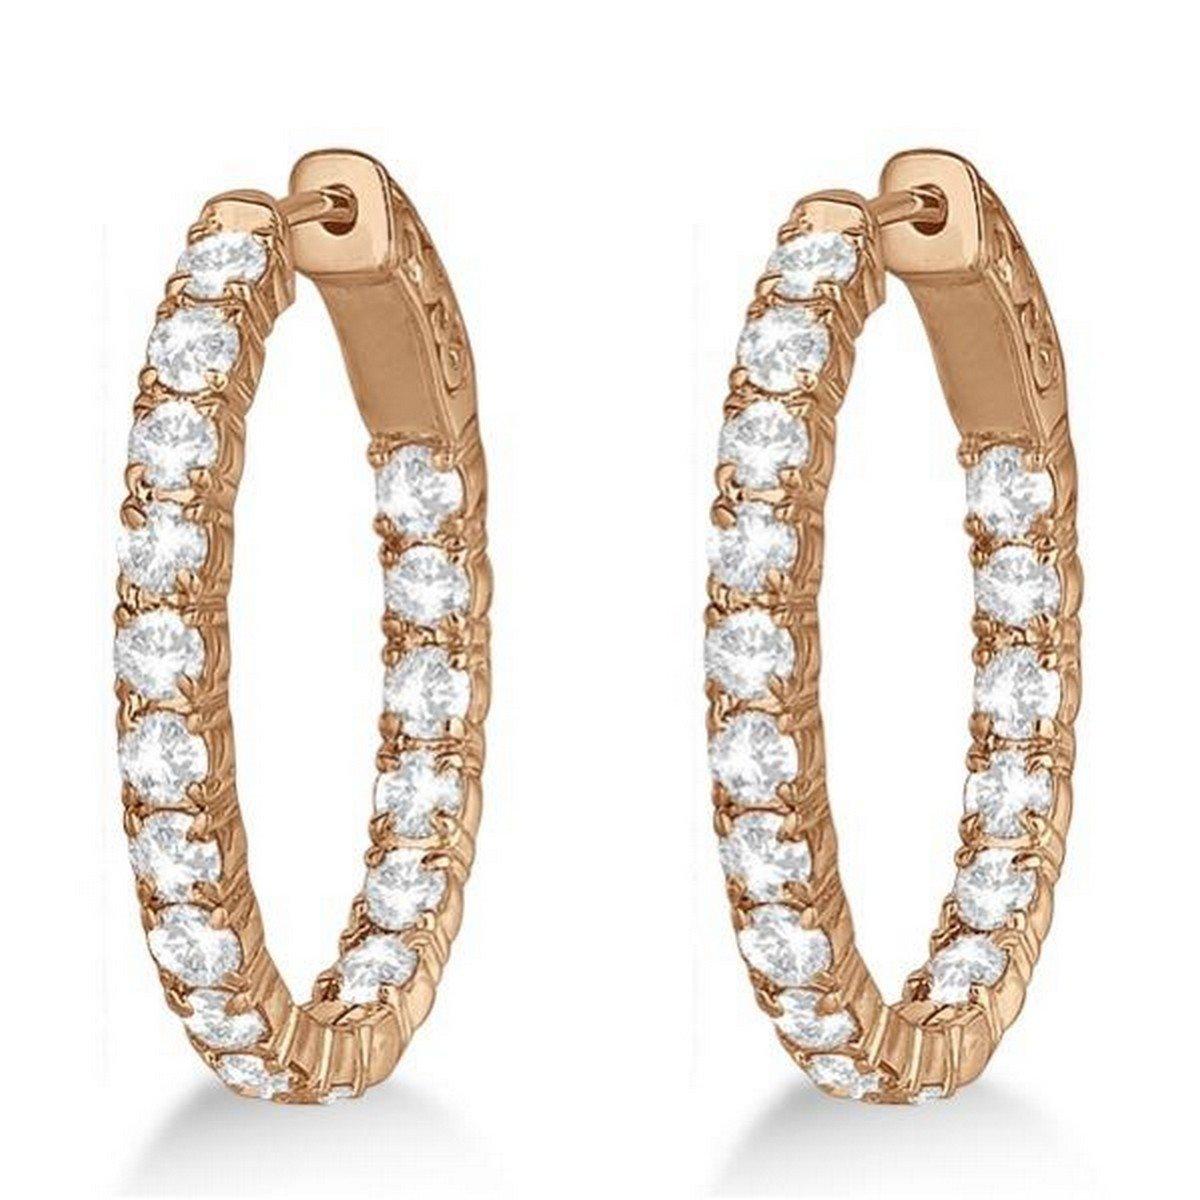 14k Gold Oval-Shaped Diamond Hoop Earrings 3.57ct